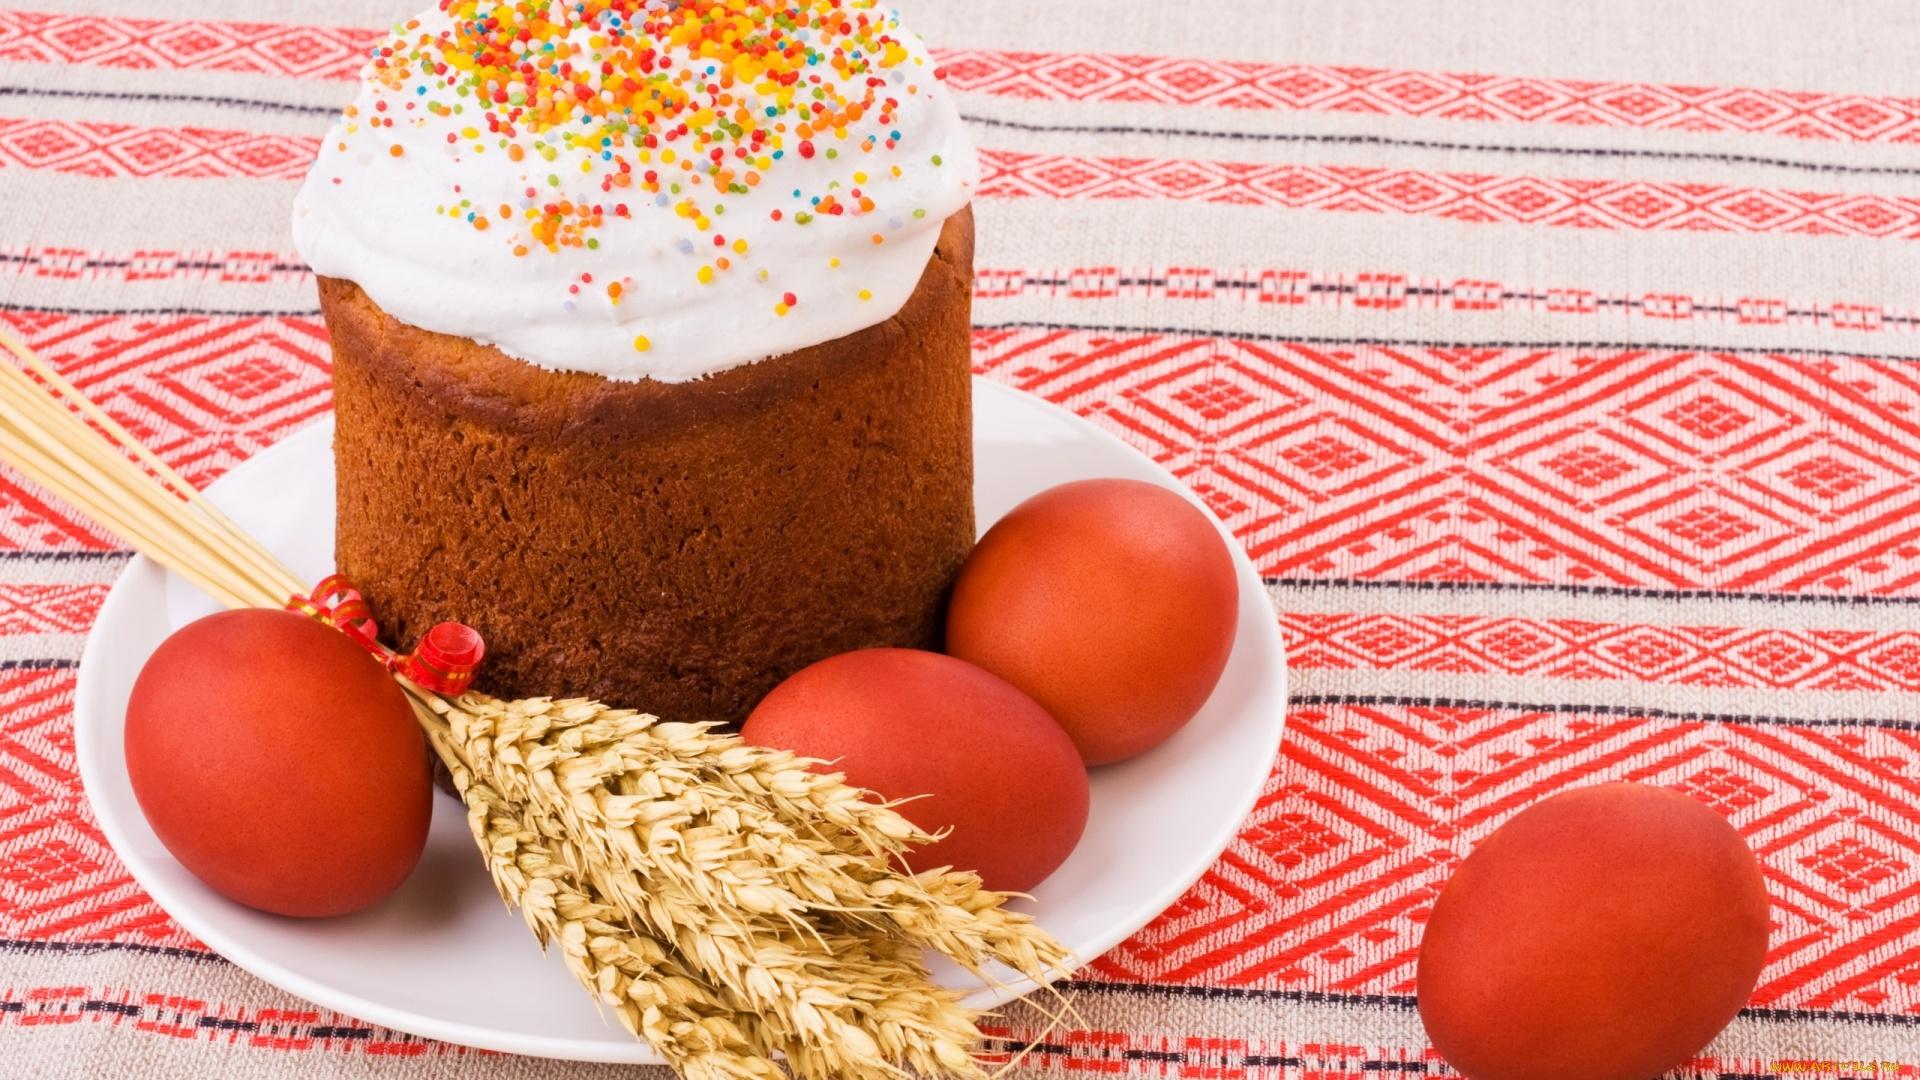 Easter Cake wallpaper for pc